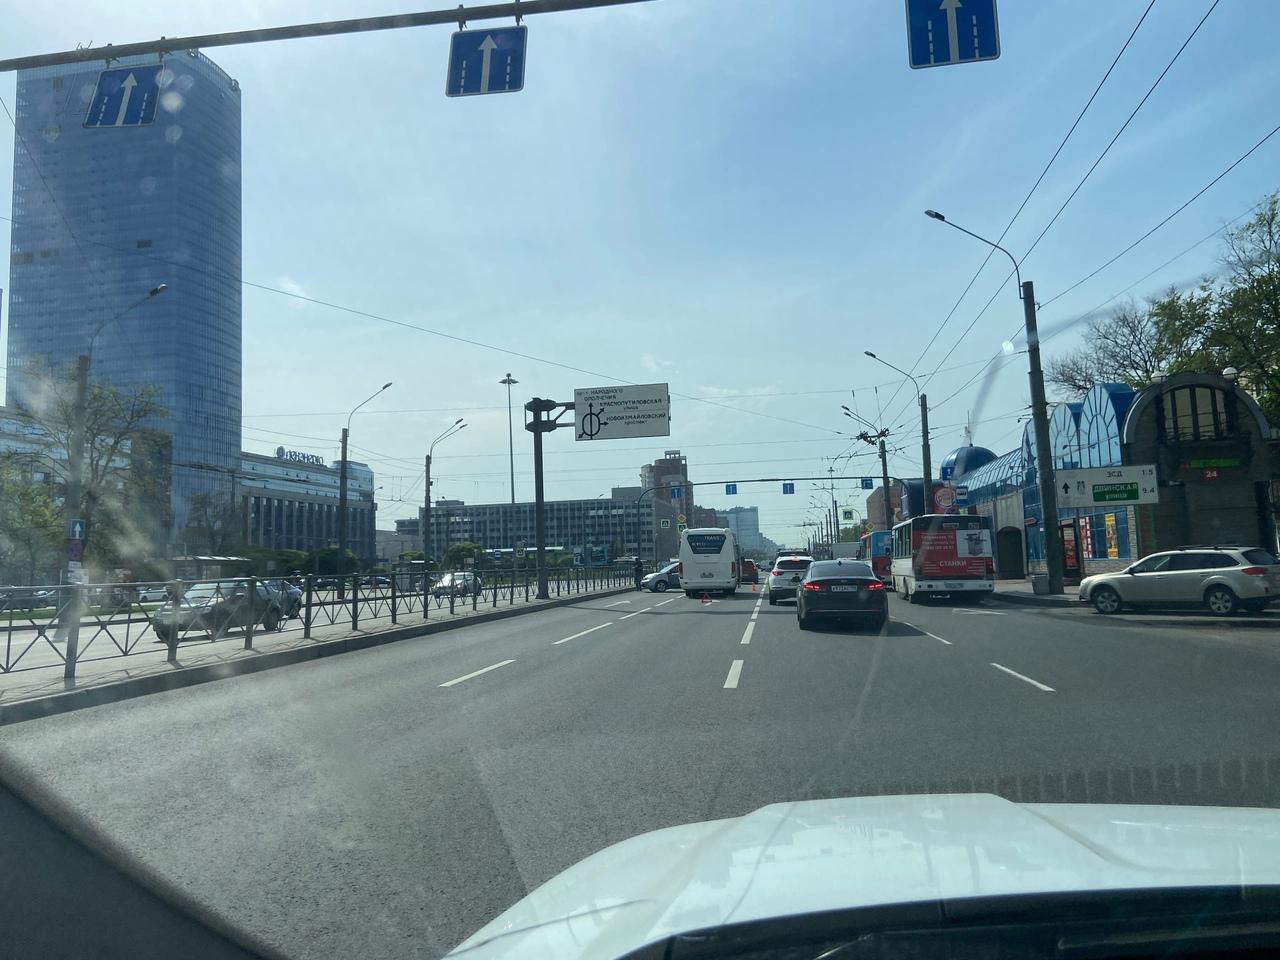 ДТП на Ленинском перед площадью Конституции в сторону Кубинской женщина на автомобиле и автобус